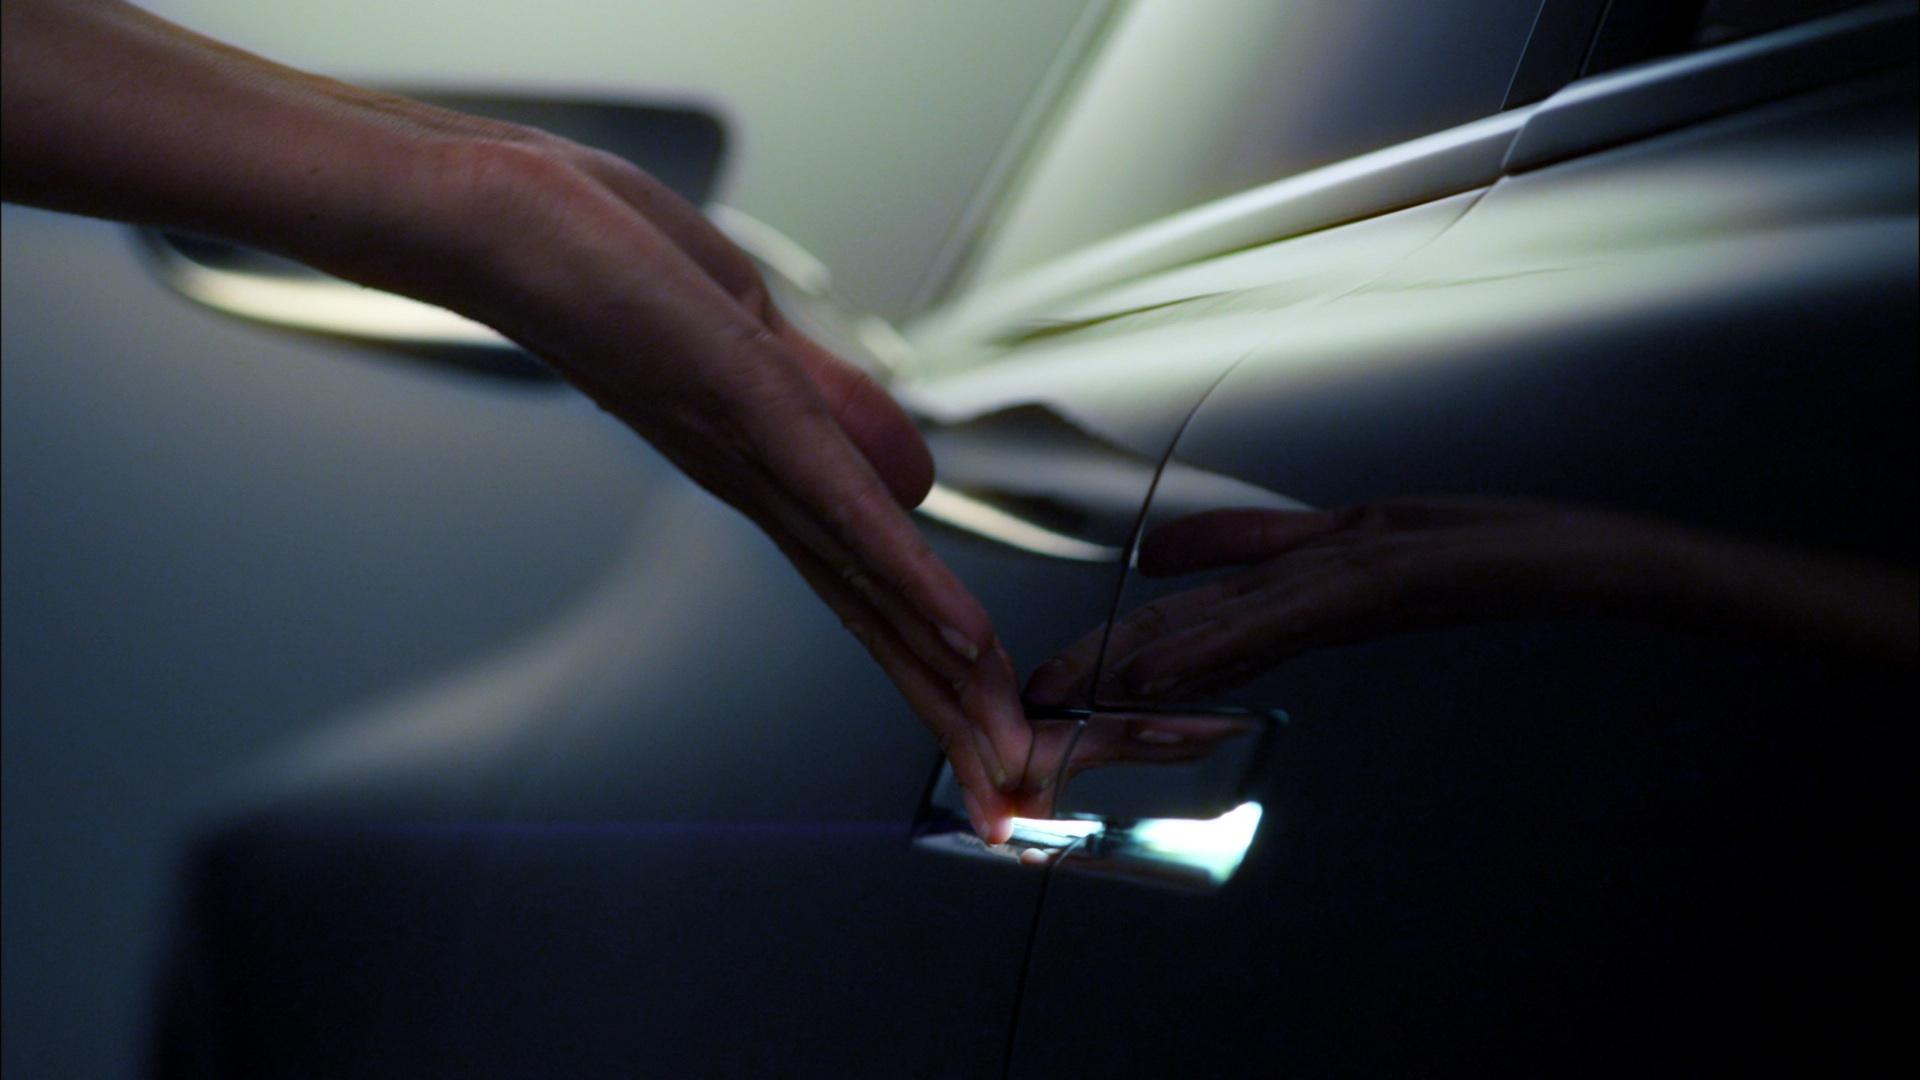 Volvo Concept You Launch_en 10,11,10,01.jpg